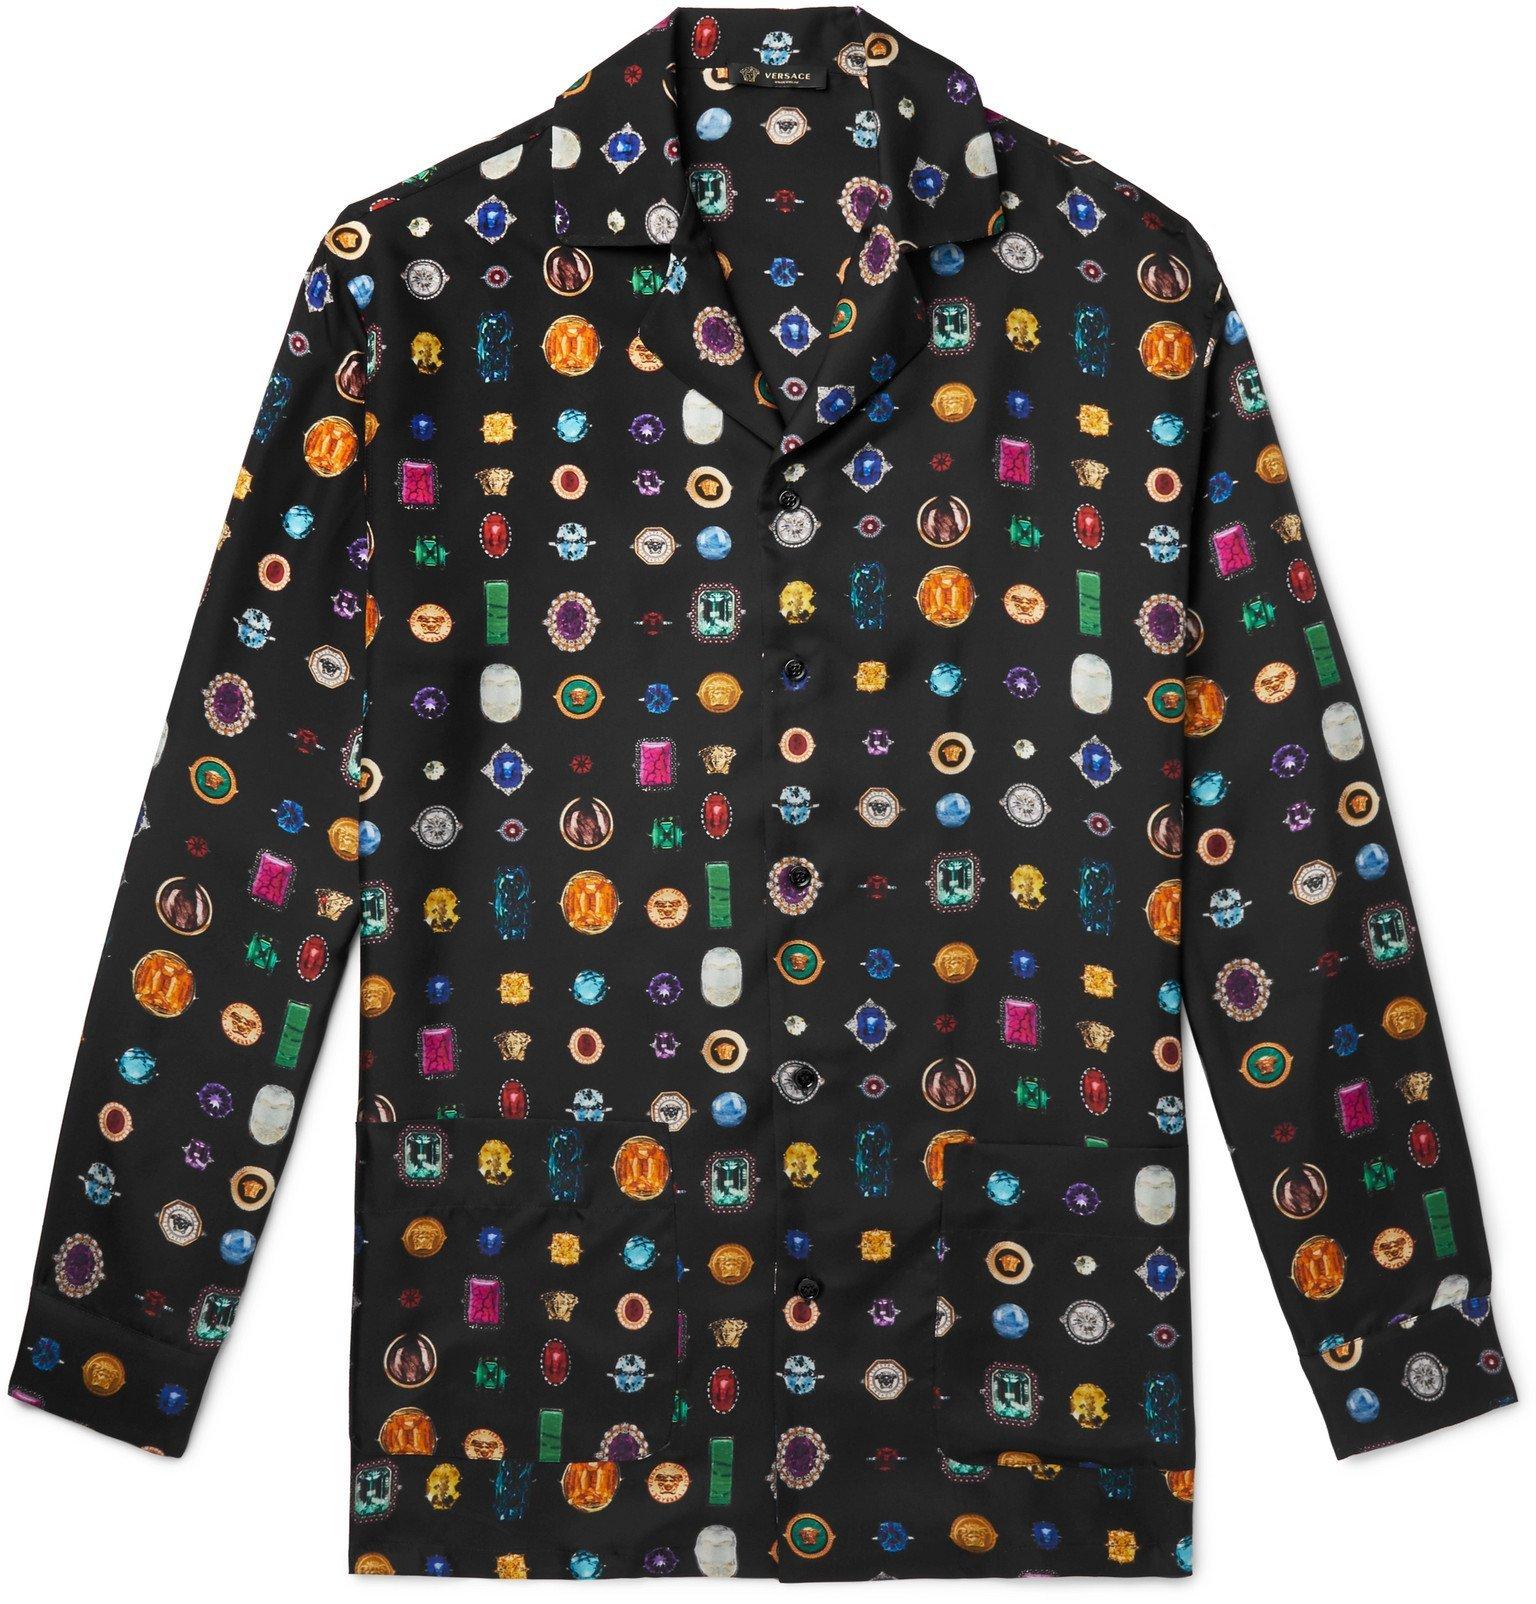 Versace - Printed Silk-Twill Pyjama Shirt - Black